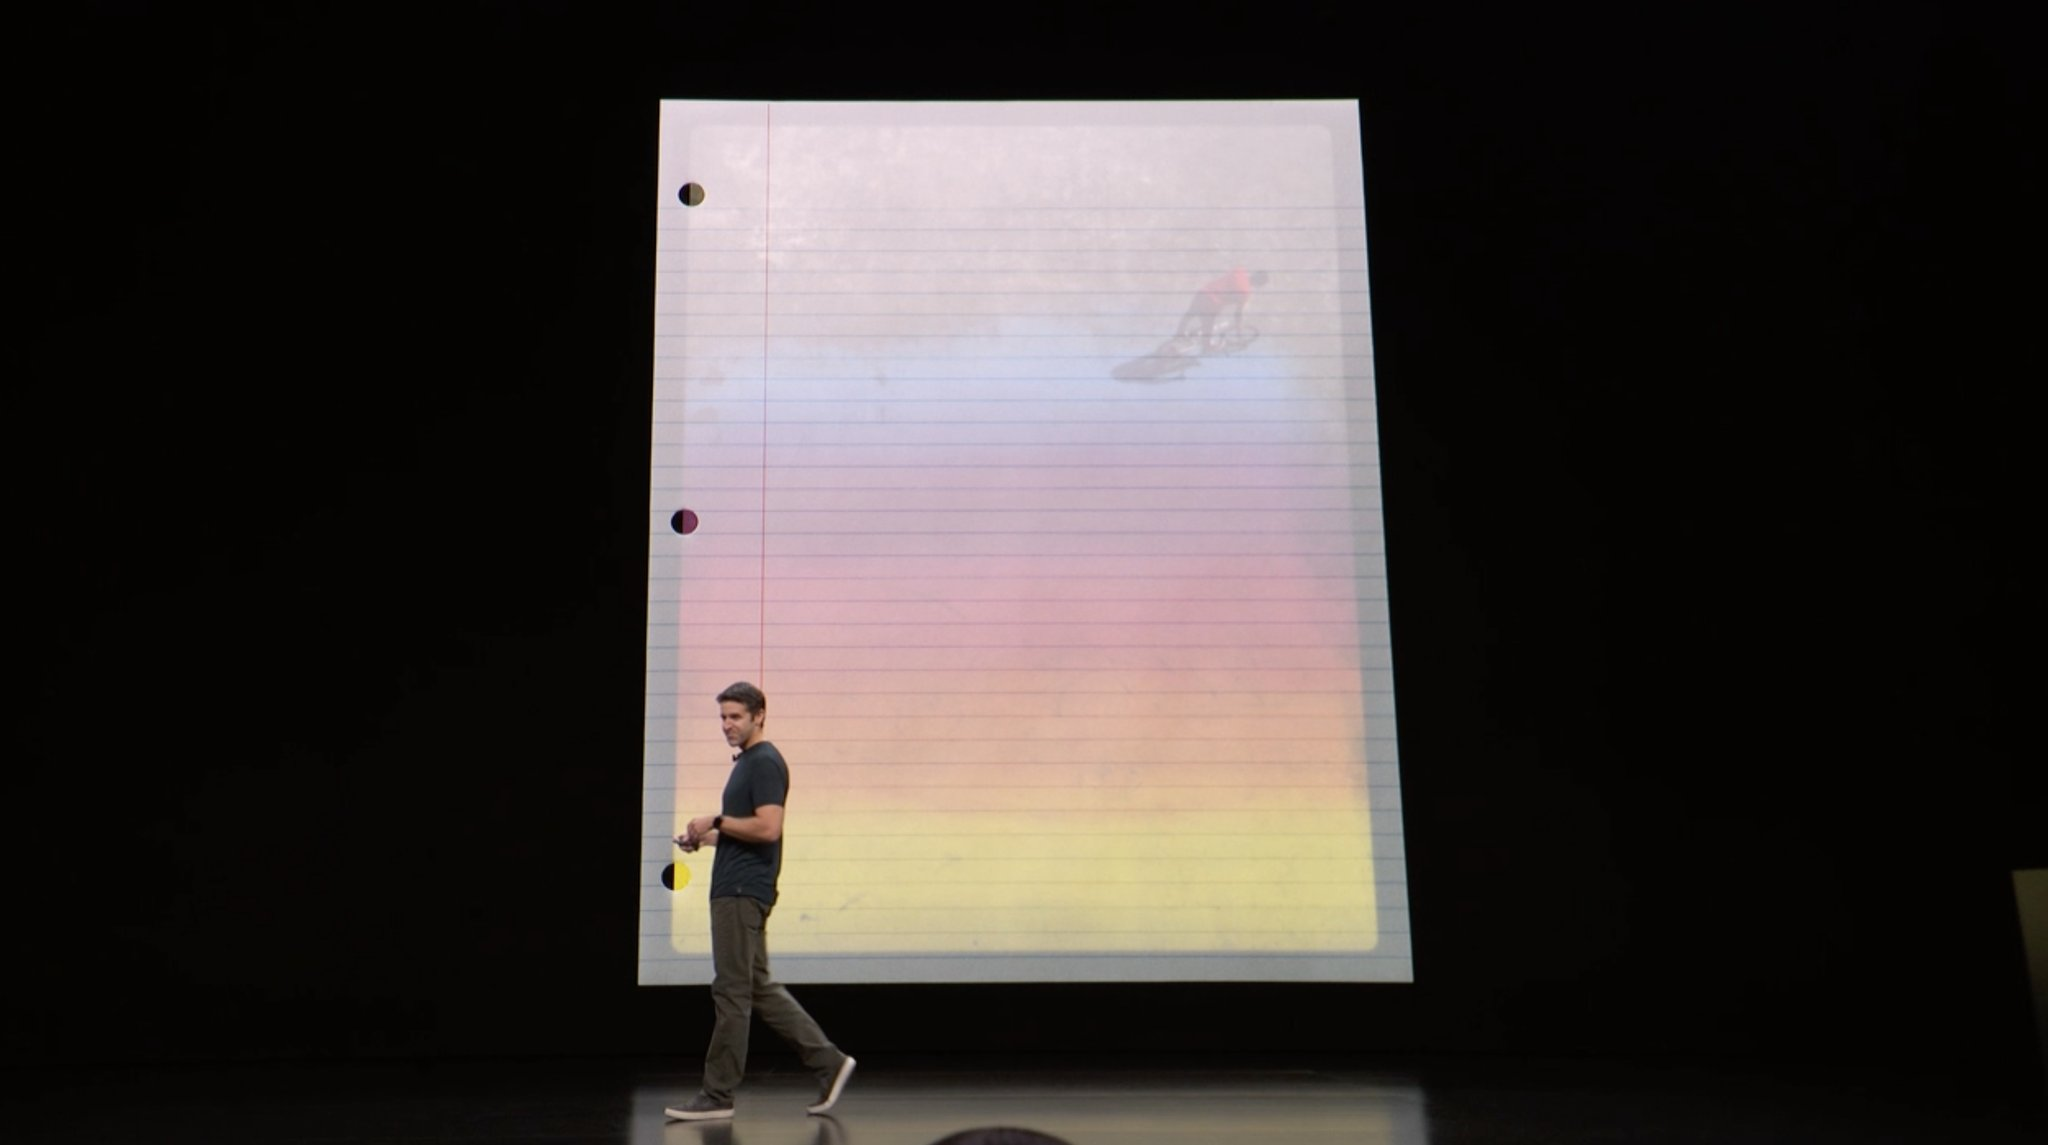 Nuevo iPad Pro cabe en una DIN A4